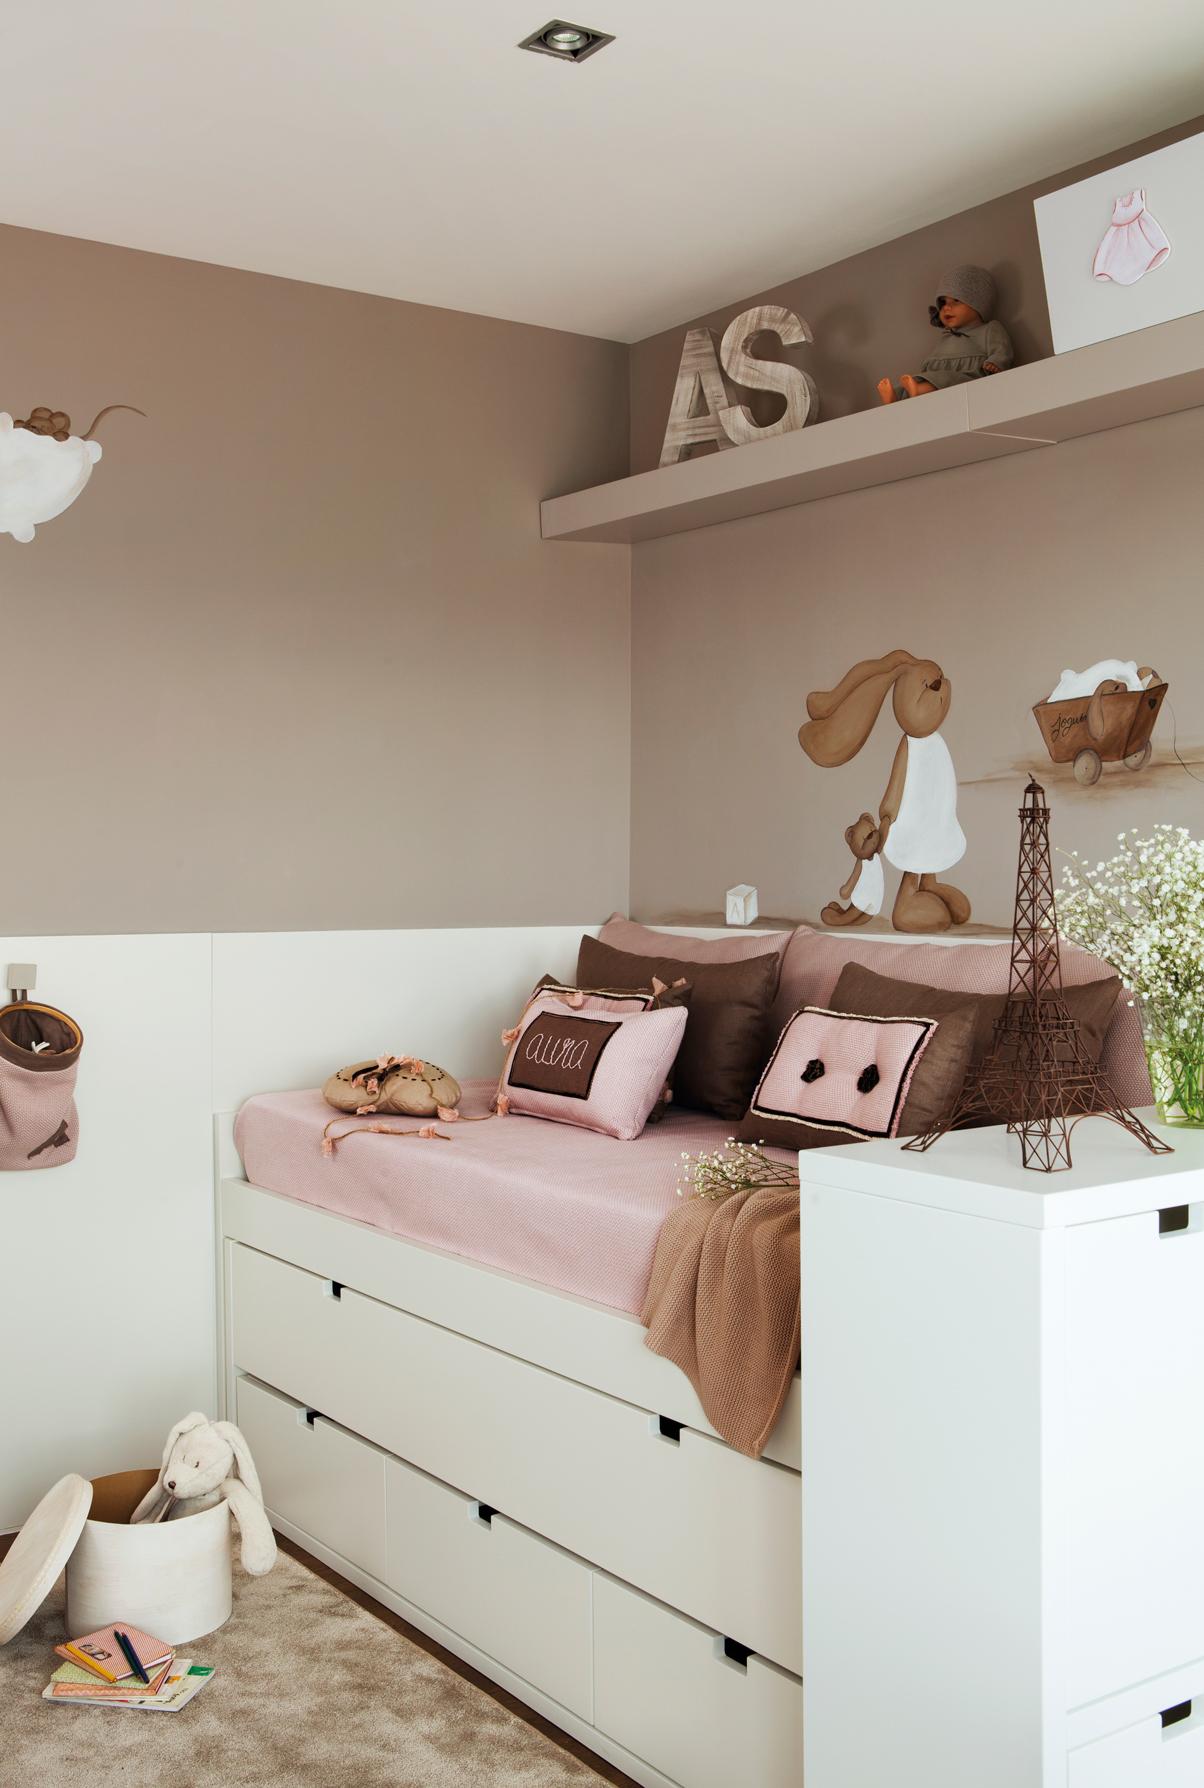 Pintar dormitorio infantil Dormitorio de ninos